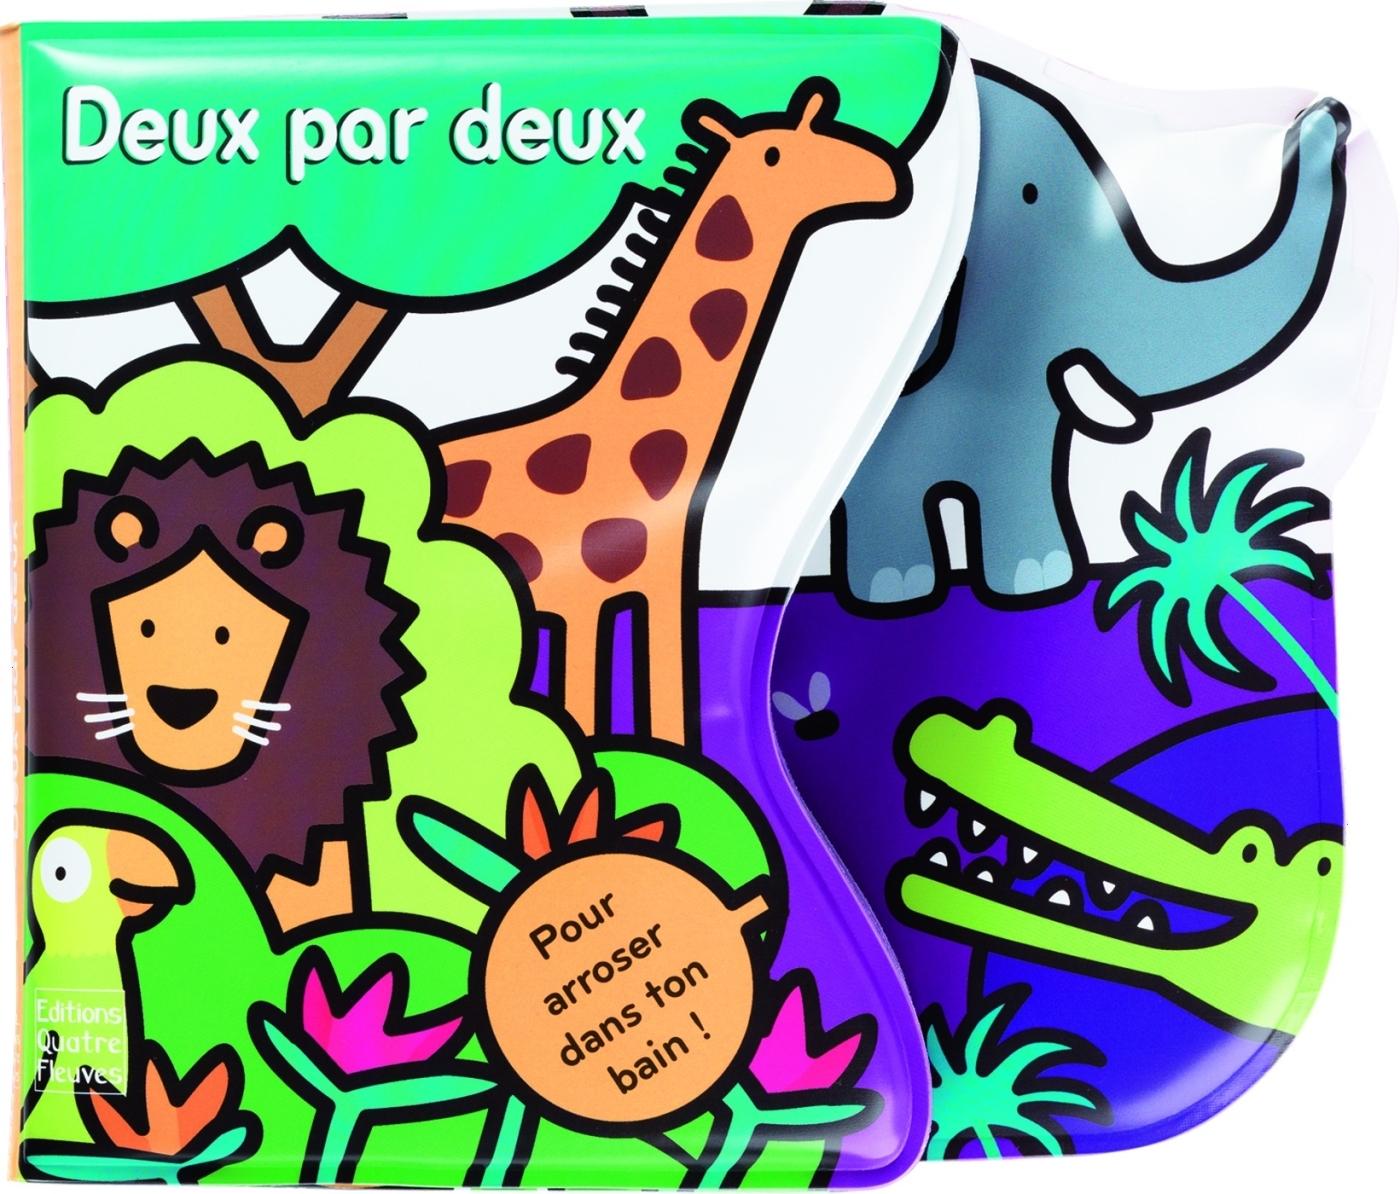 LIVRES DE BAIN AVEC ARROSEUR - DEUX PAR DEUX